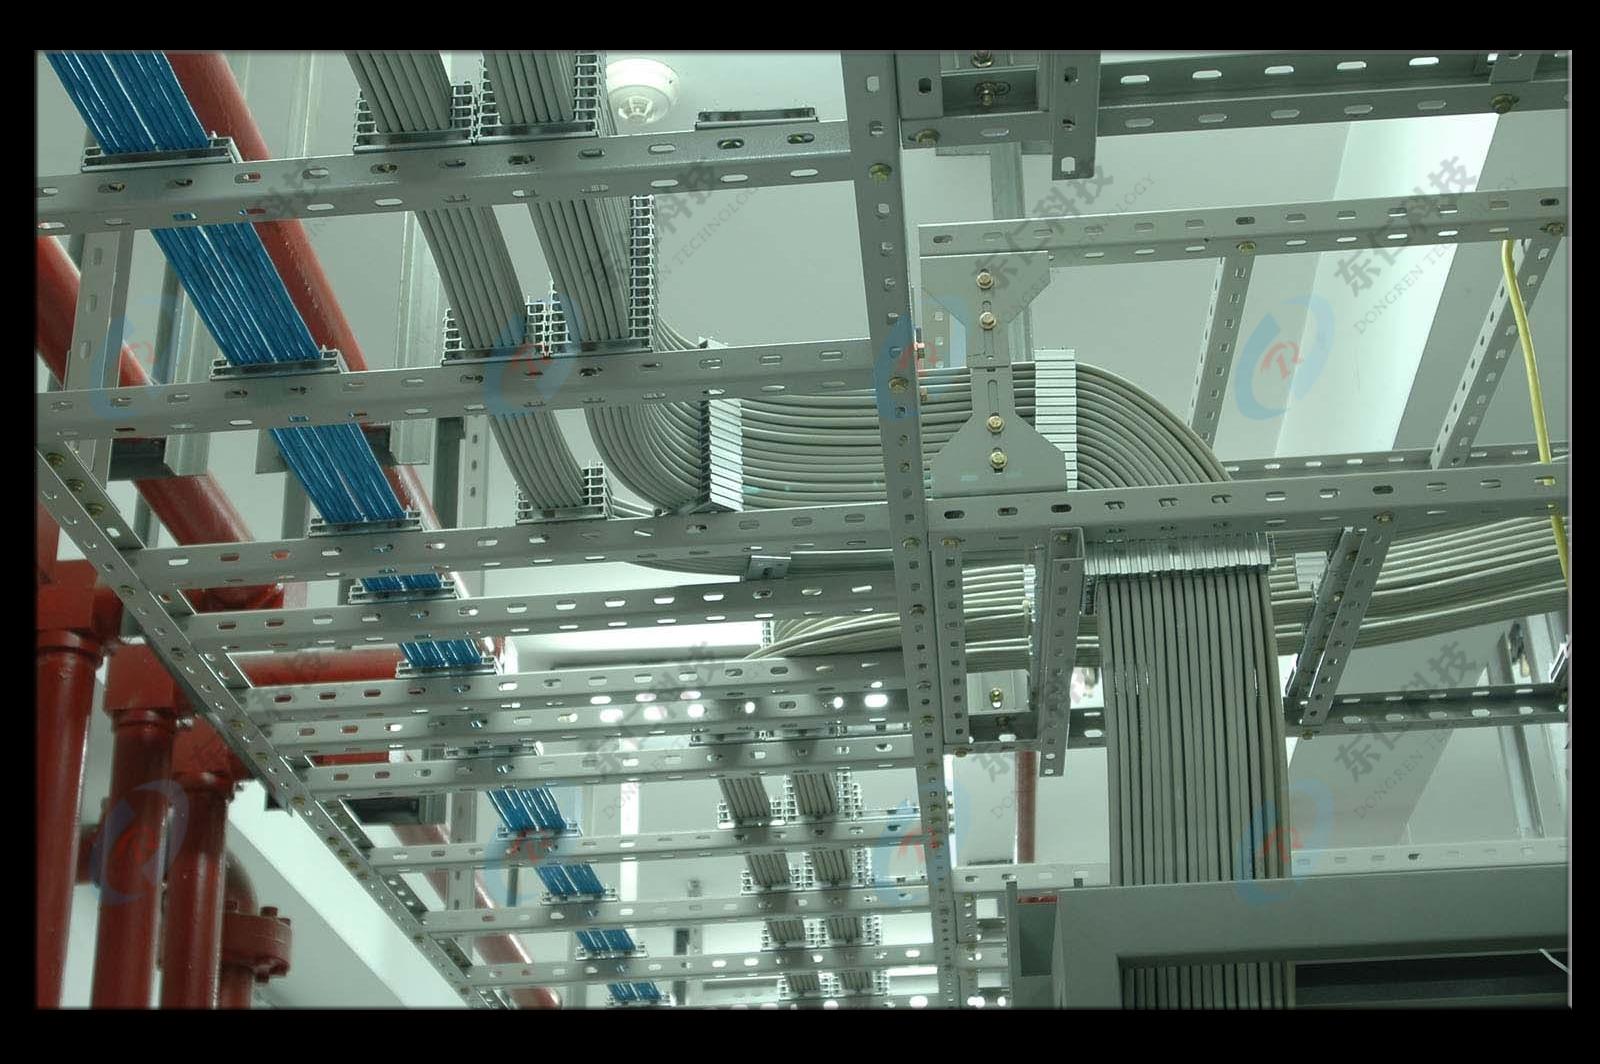 弱电智能化工程 - 机房工程|机房建设|机房装修|机房